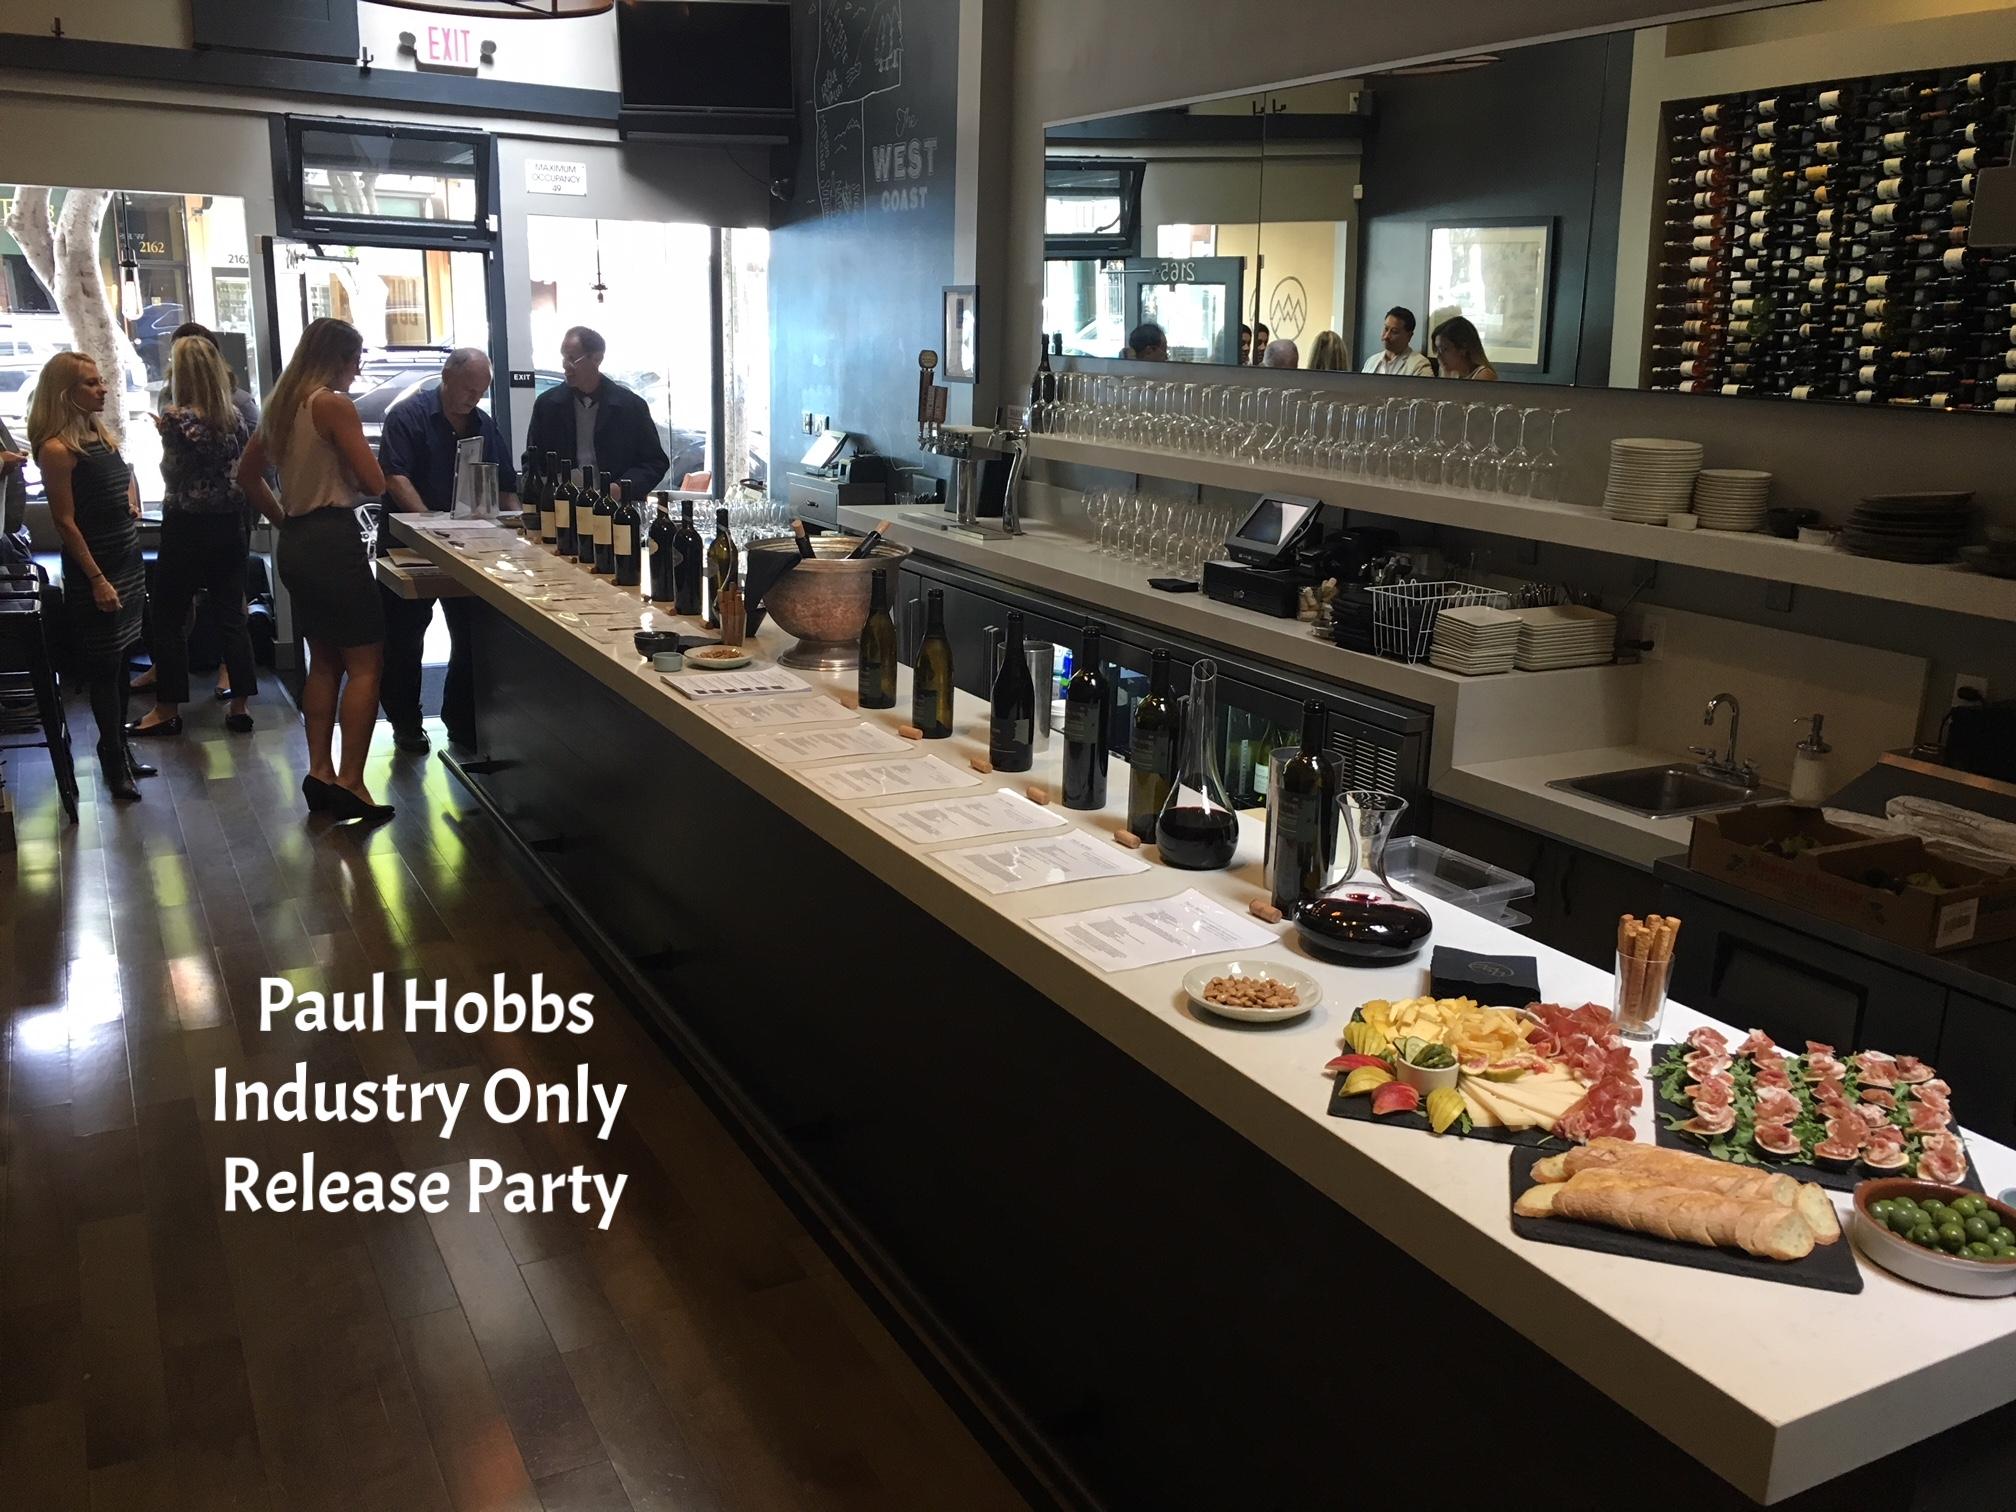 Paul hobbs Release 5.JPG